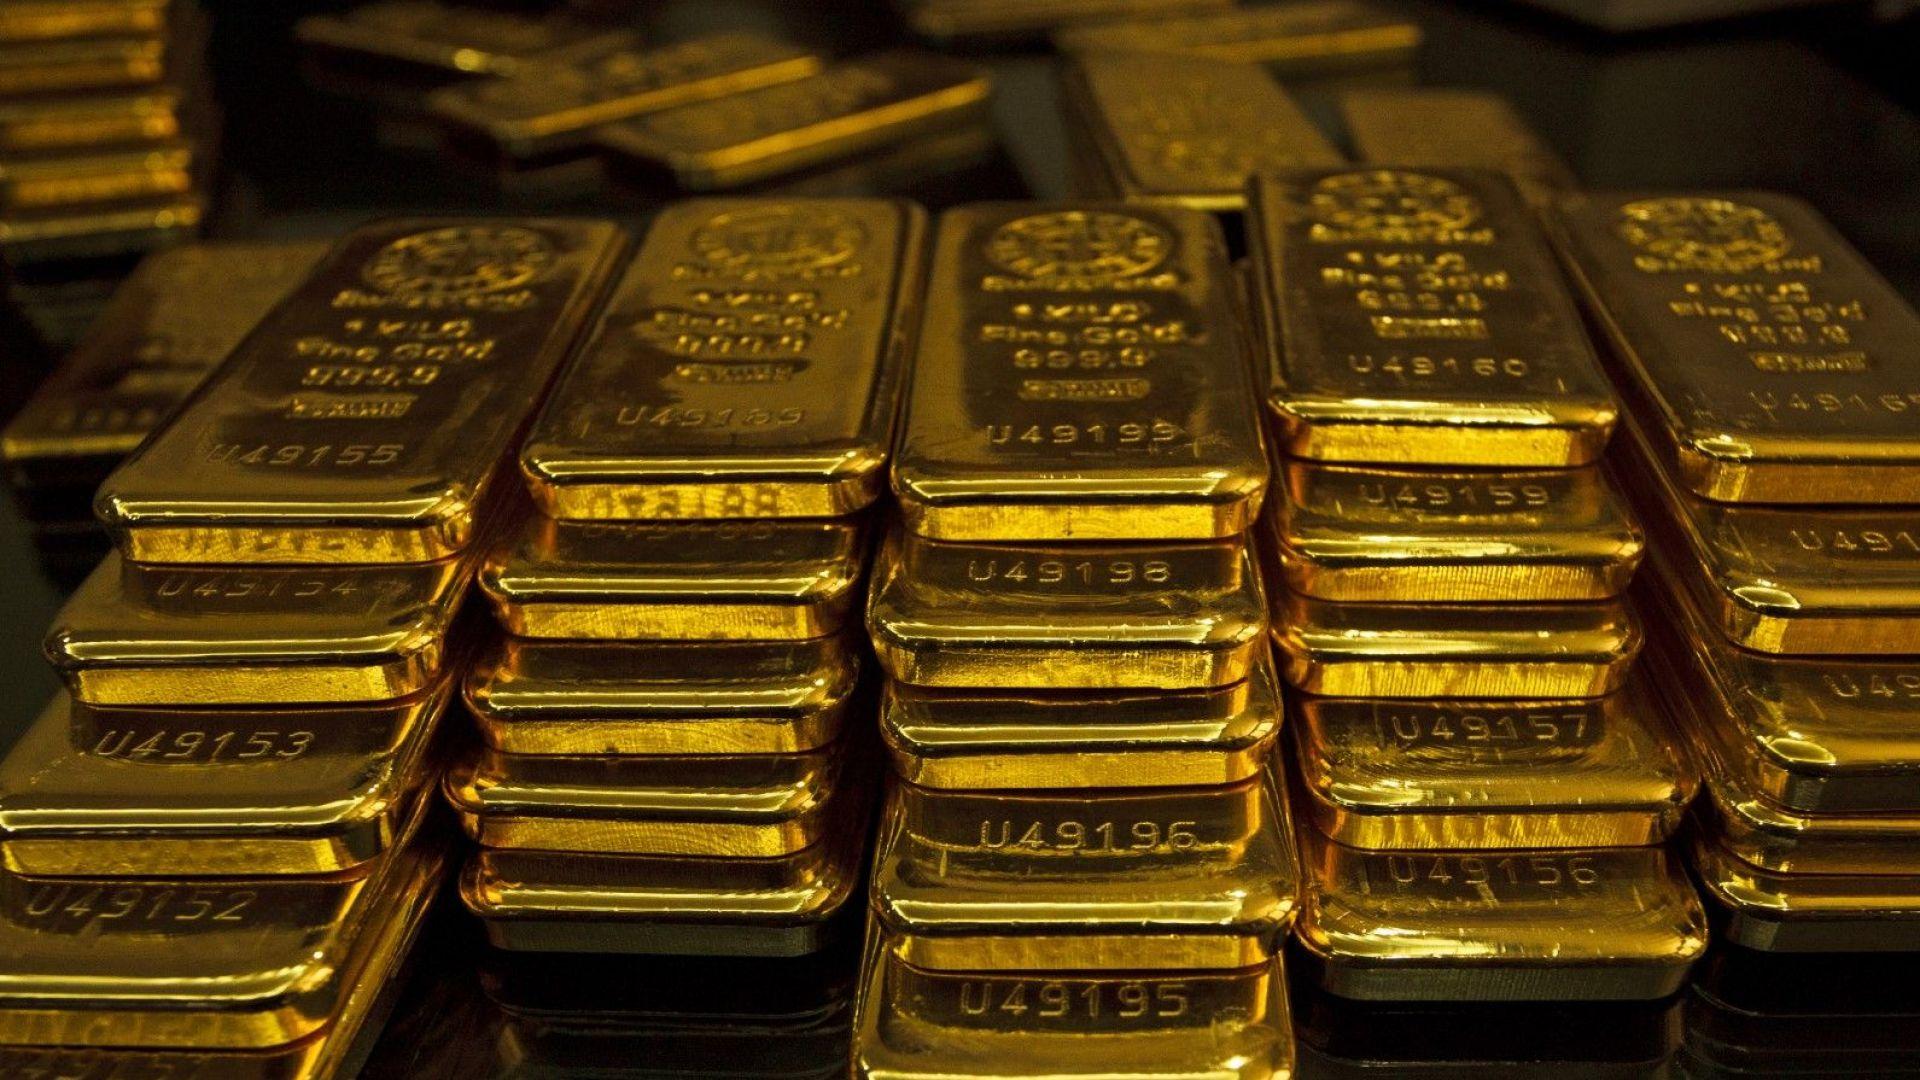 Златото стигна новата най-висока цена в историята си